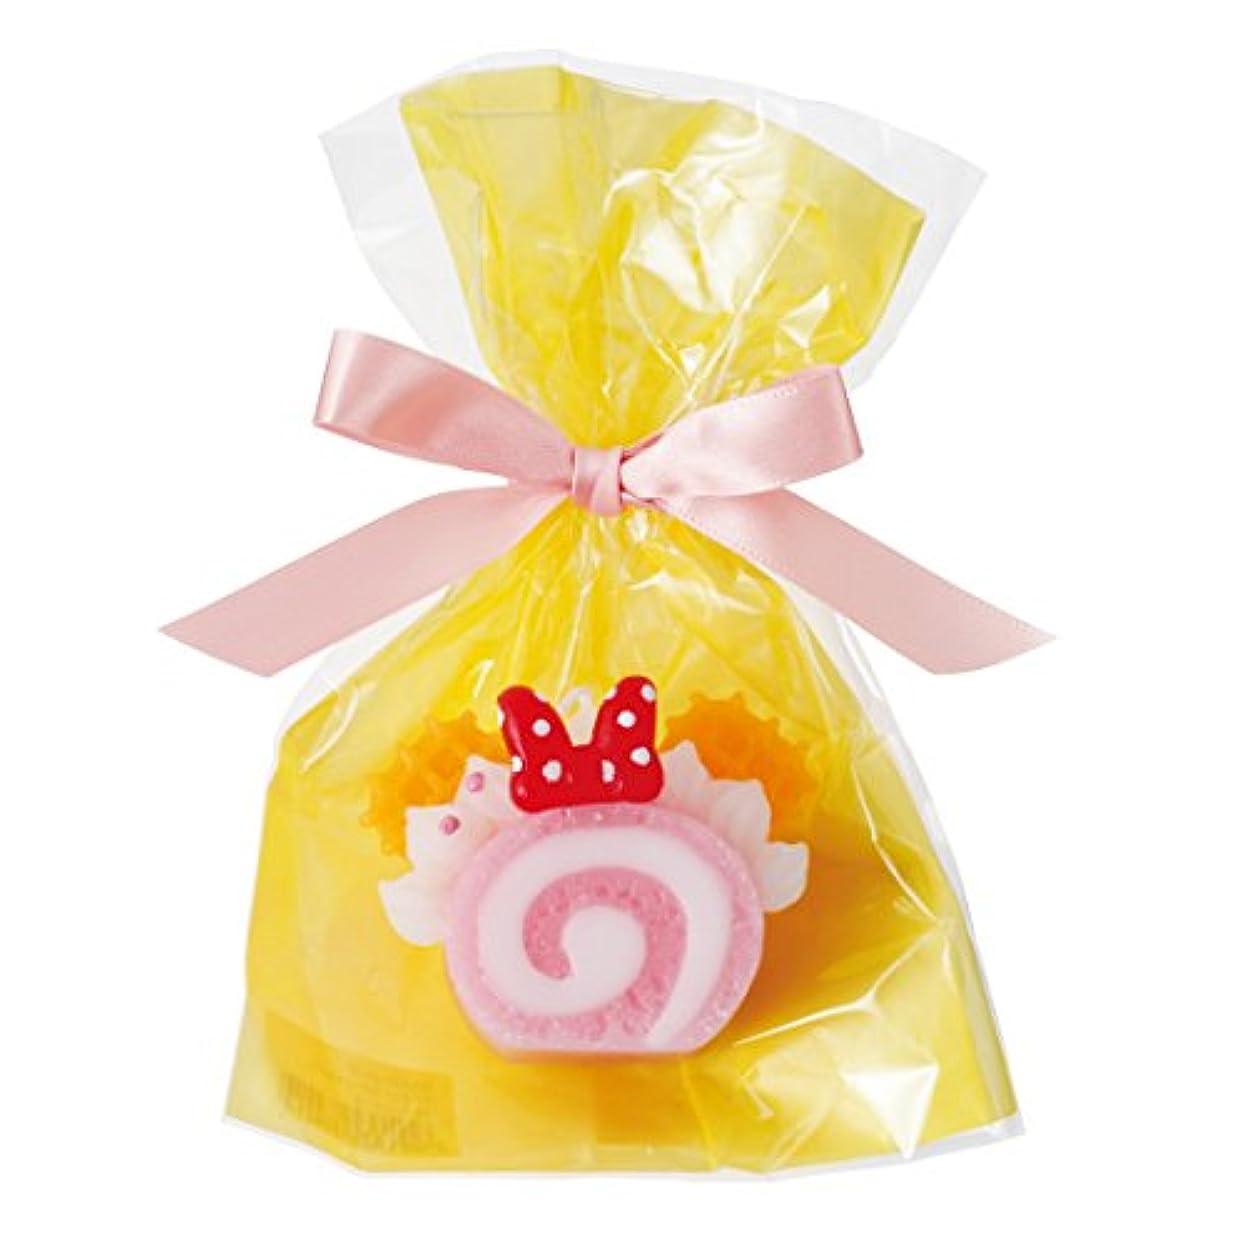 竜巻記憶メジャーディズニースイーツキャンドル 「 ピンクロールケーキ 」